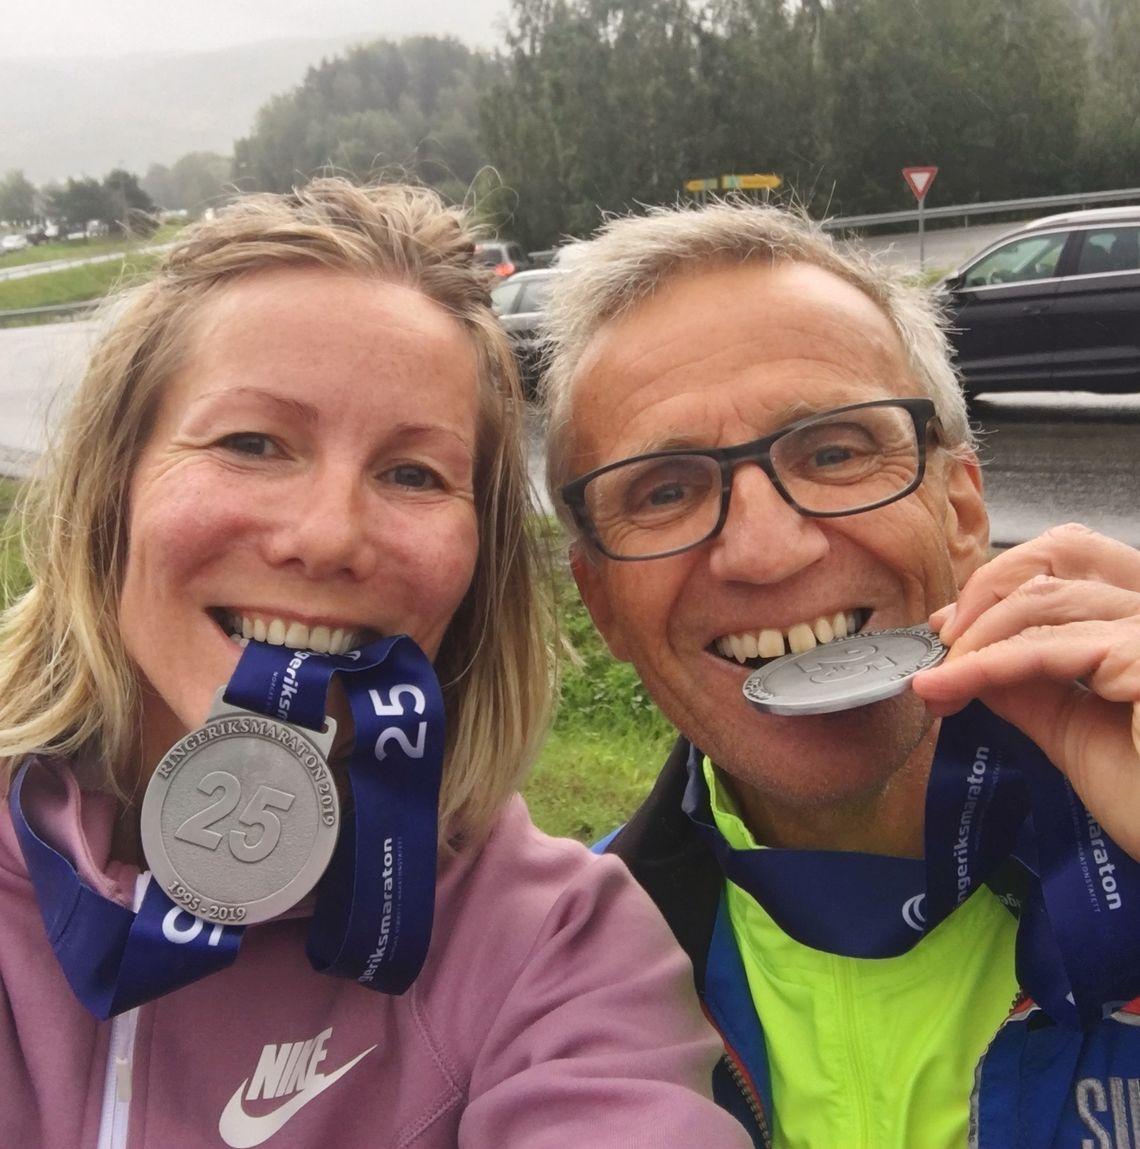 Anne Woldmo og løpervennen Jan -Erik etter Ringeriksmaraton 2019.